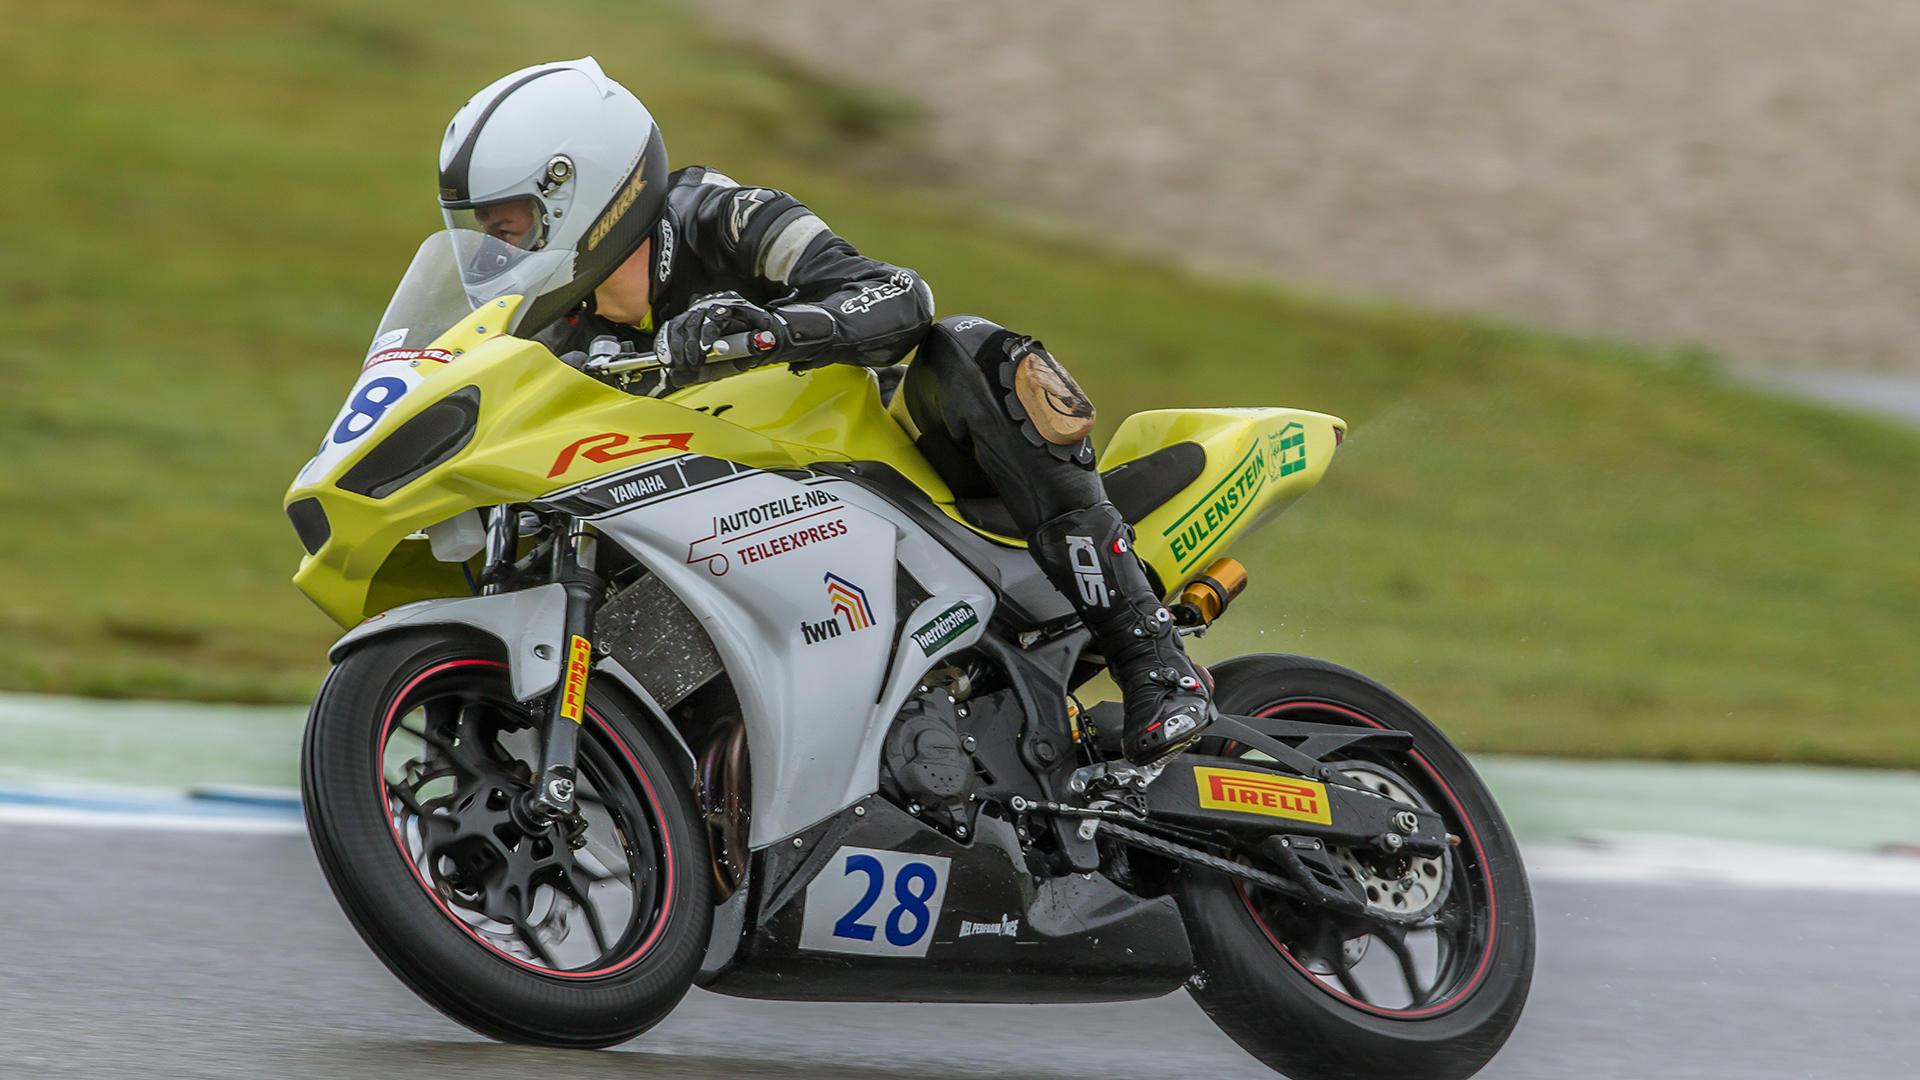 740qualifying-idm-supersport-300-assen-2017jpg